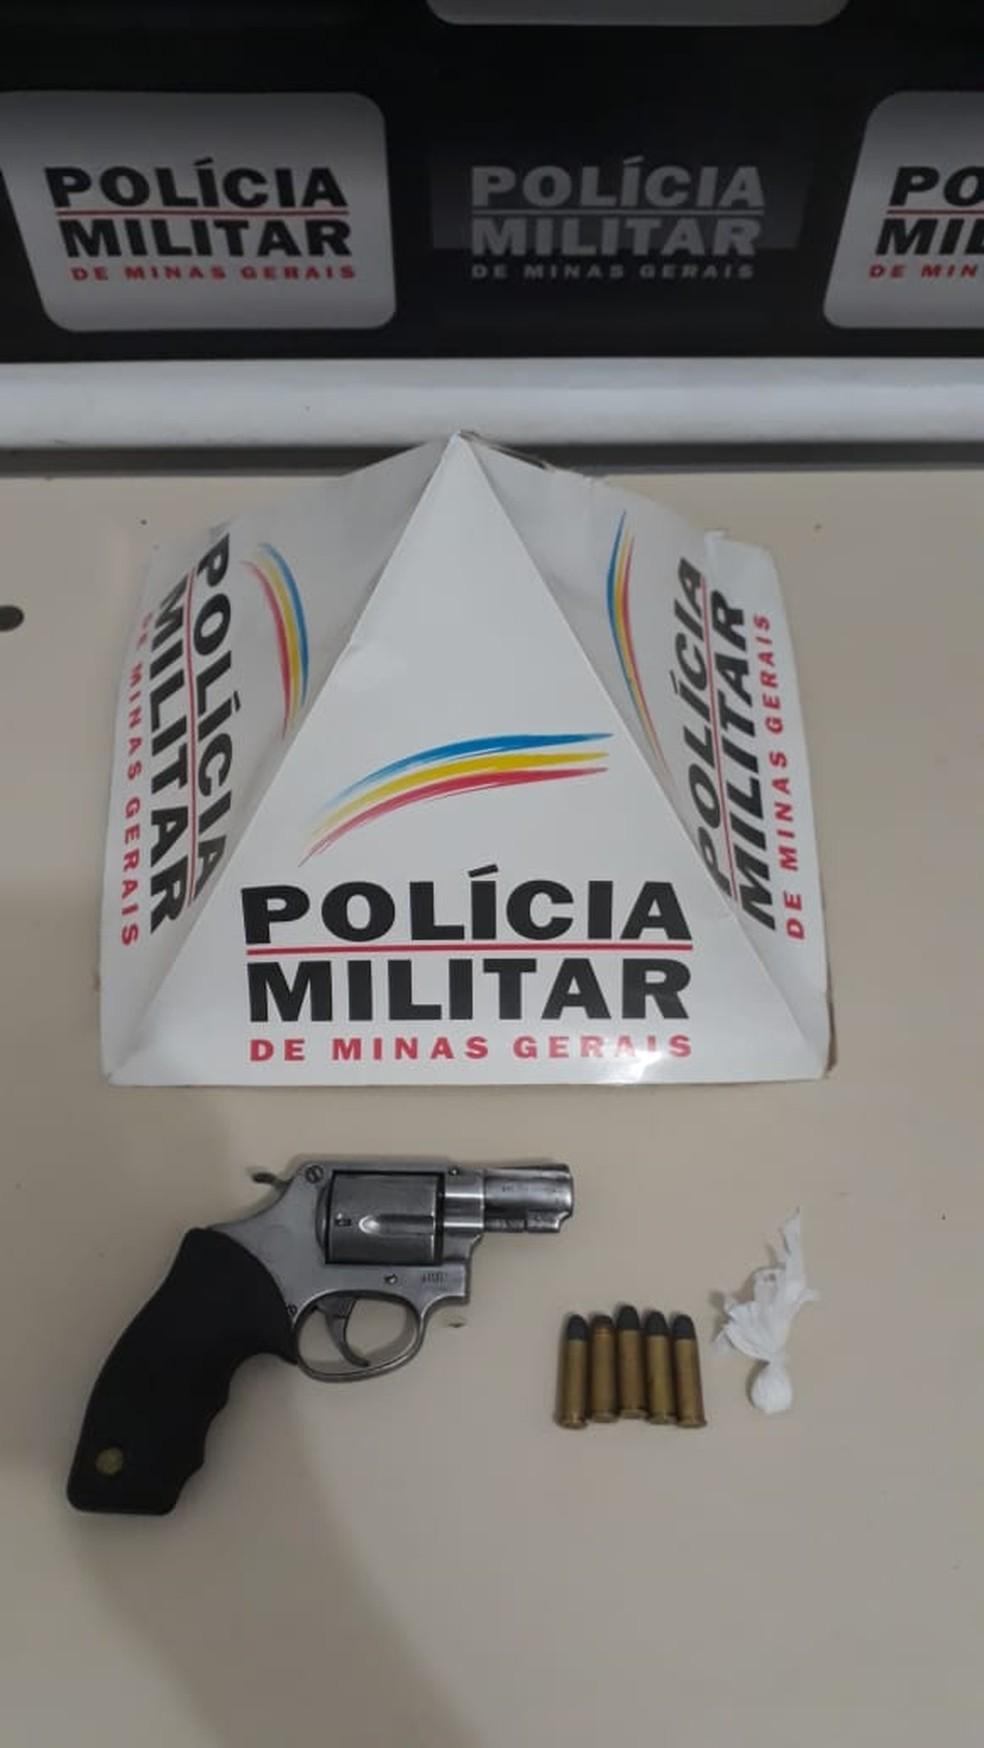 Arma de fogo calibre 38 foi apreendida com um jovem durante uma festa em Unaí — Foto: Polícia Militar/Divulgação